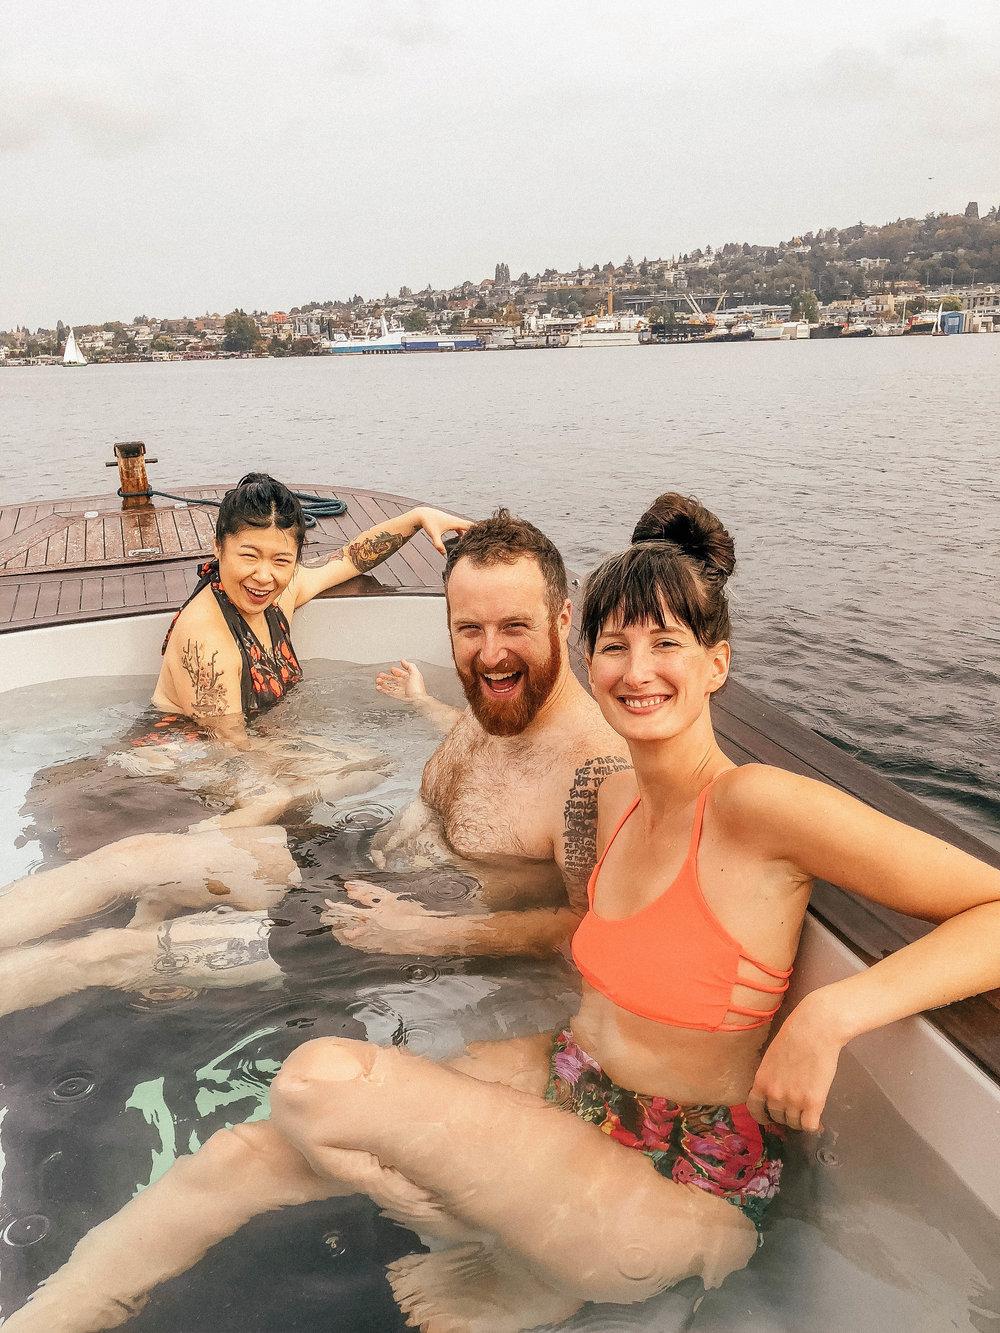 seattle_hottub_boats.jpg